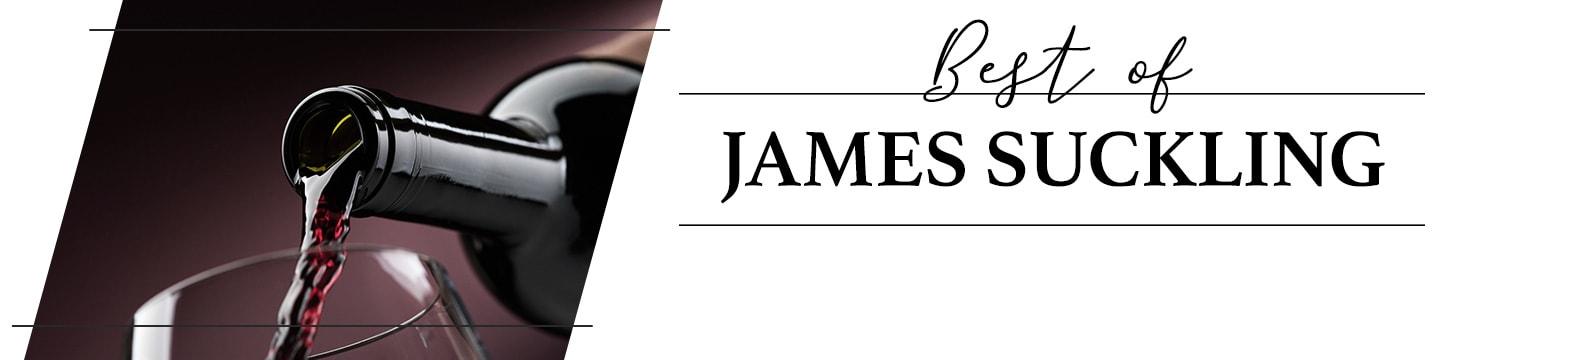 Best of James Suckling